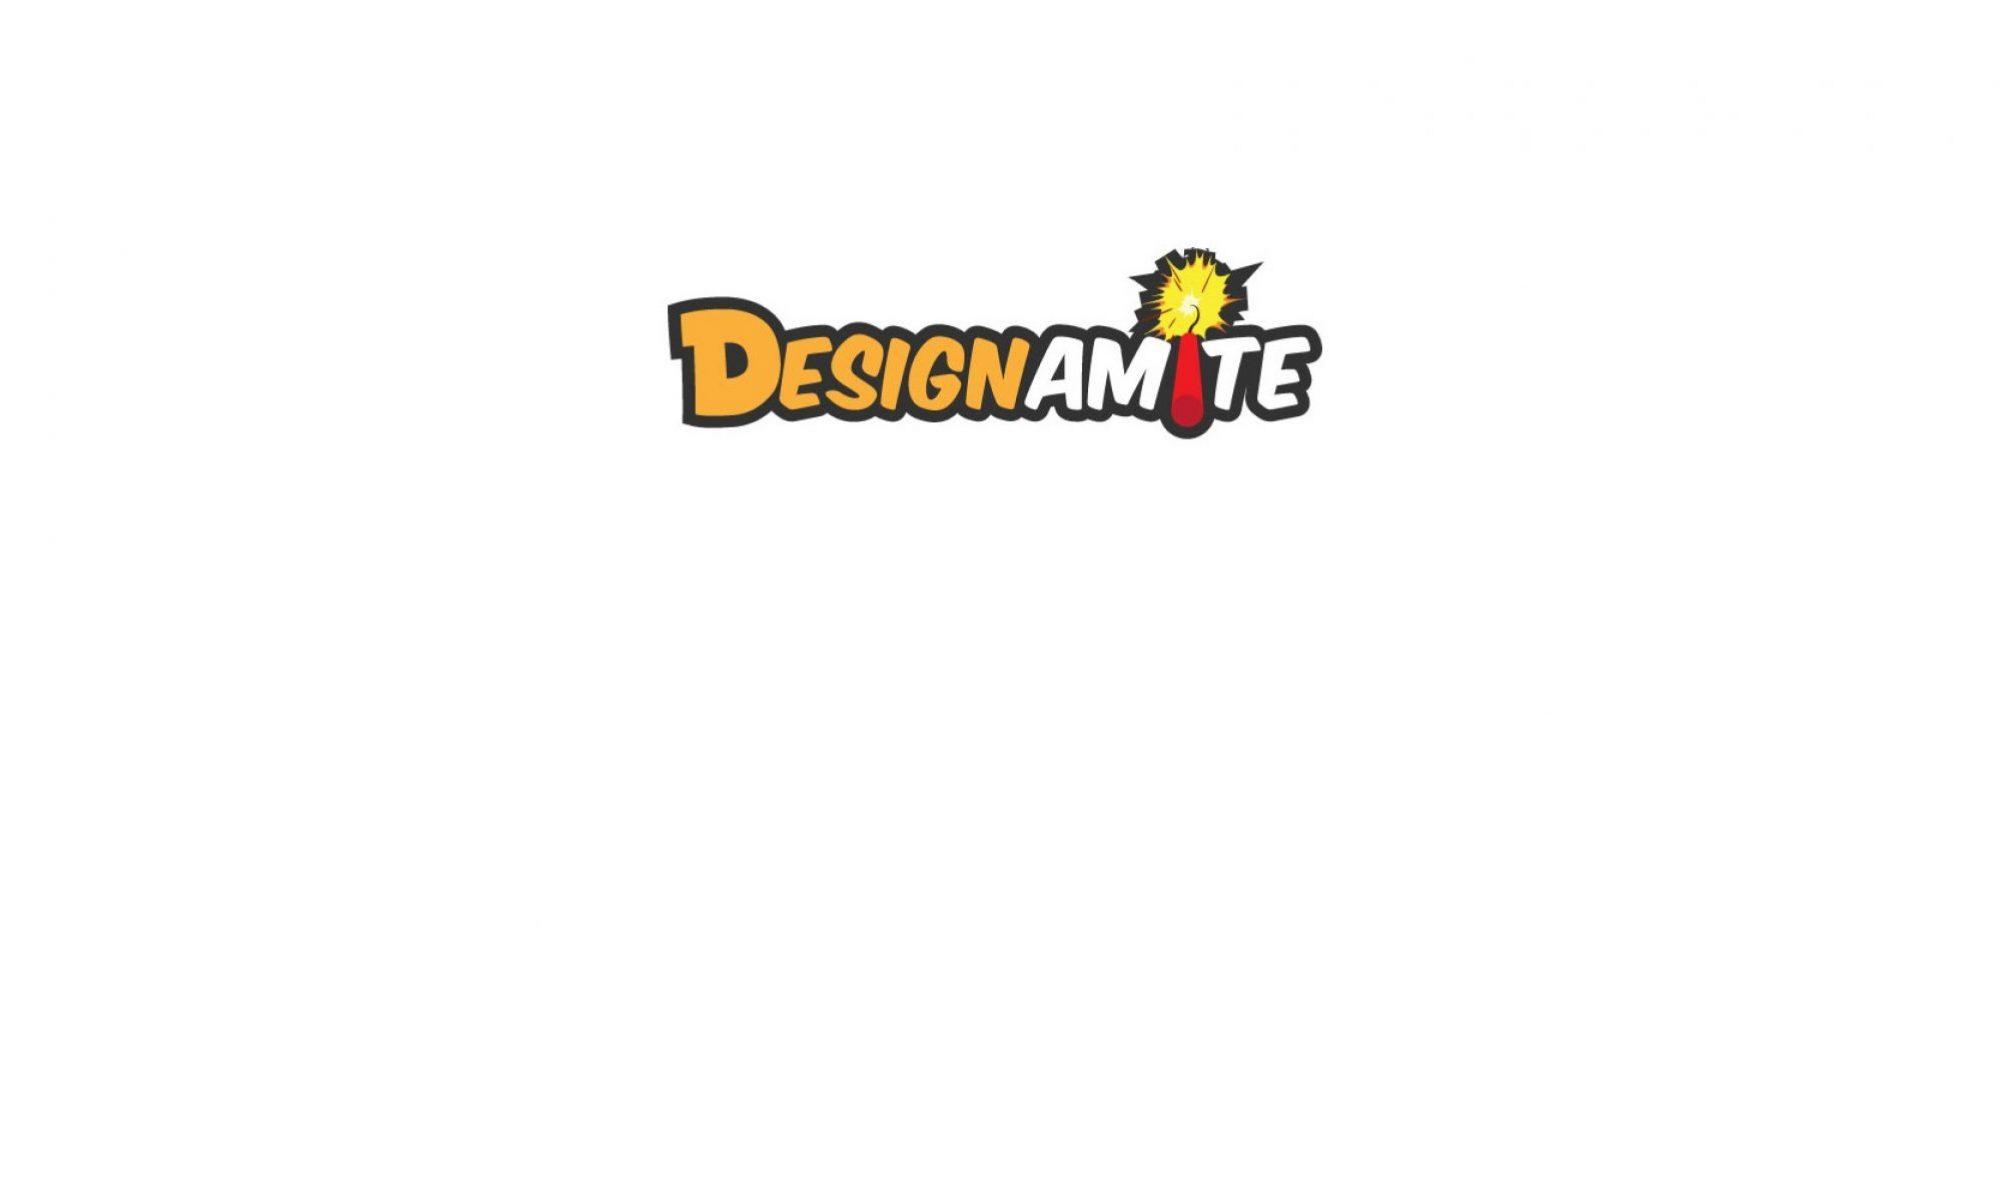 Designamite